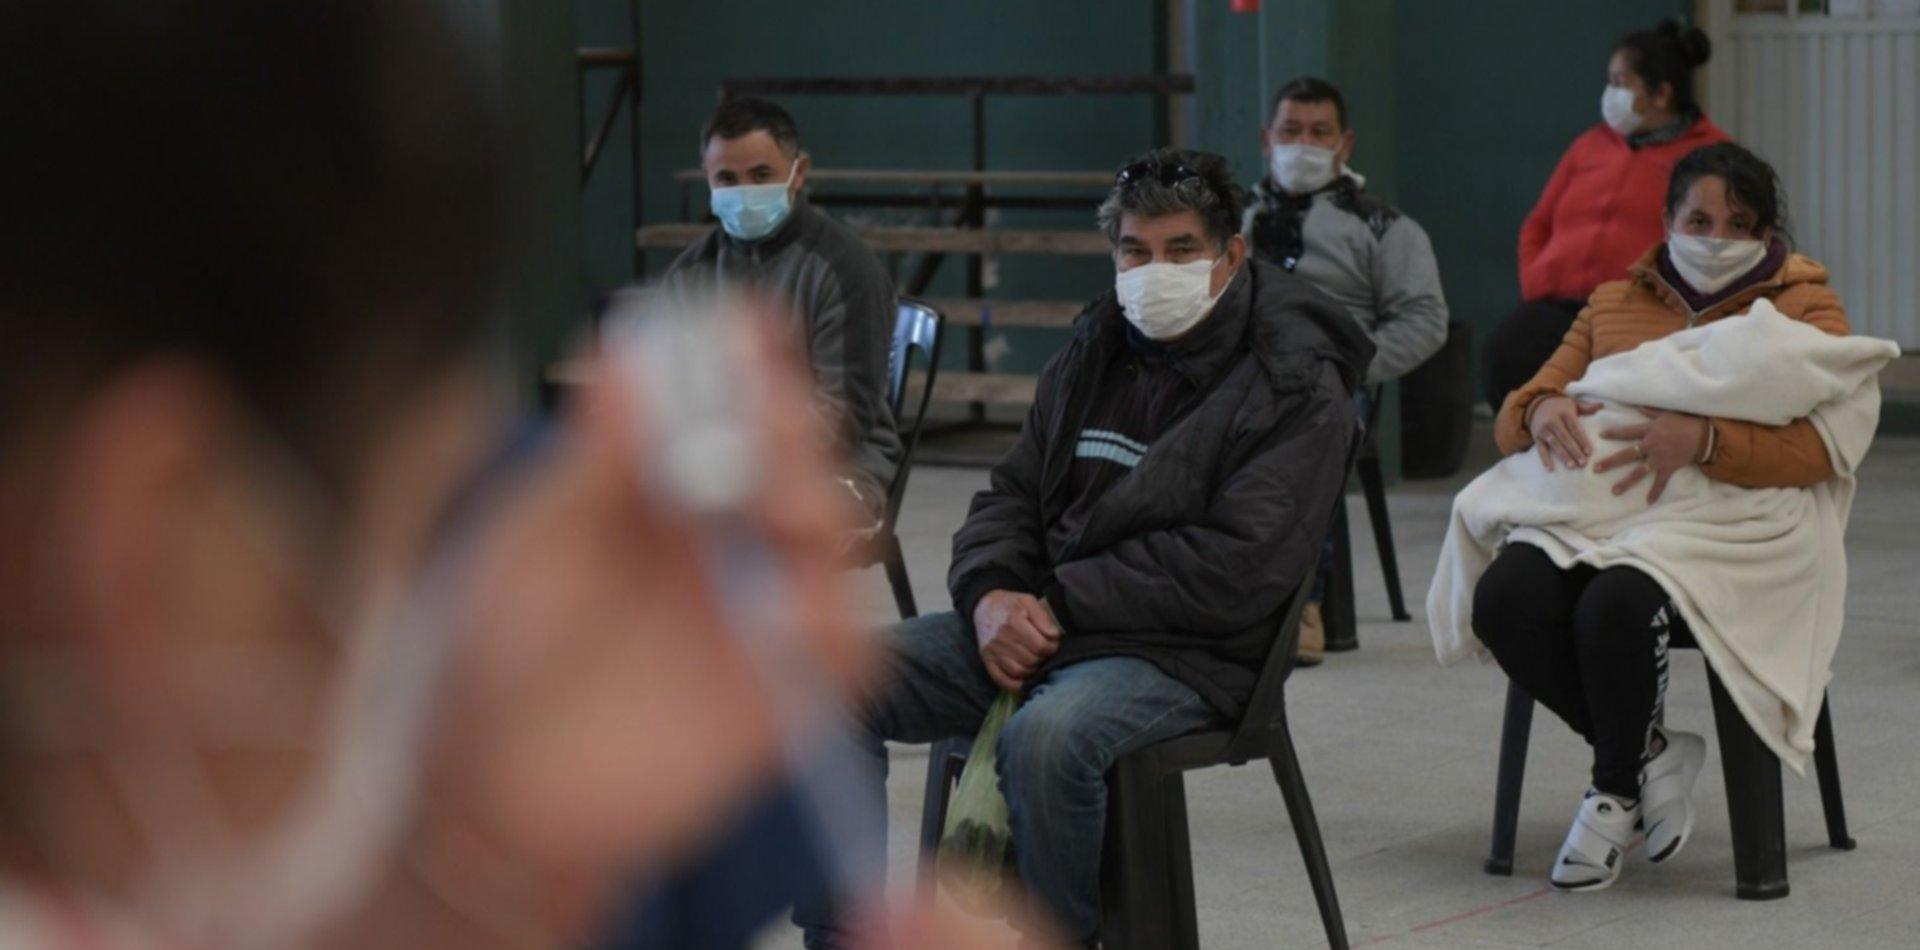 Siguen bajando los casos de COVID en Argentina: confirman 622 en las últimas 24 horas